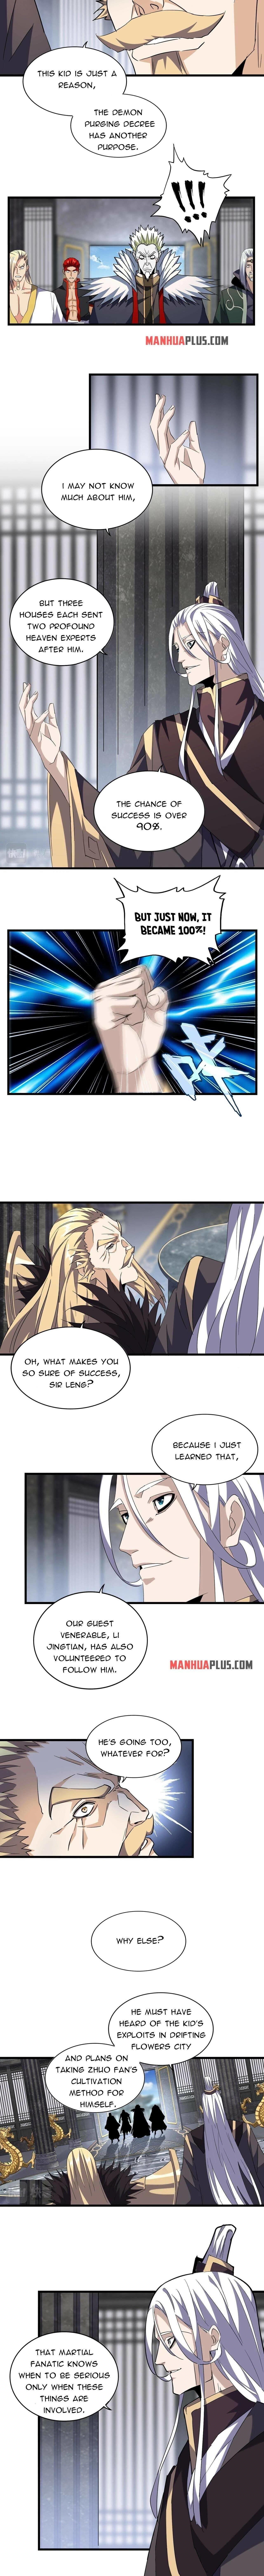 Magic Emperor Chapter 220 page 6 - Mangakakalot